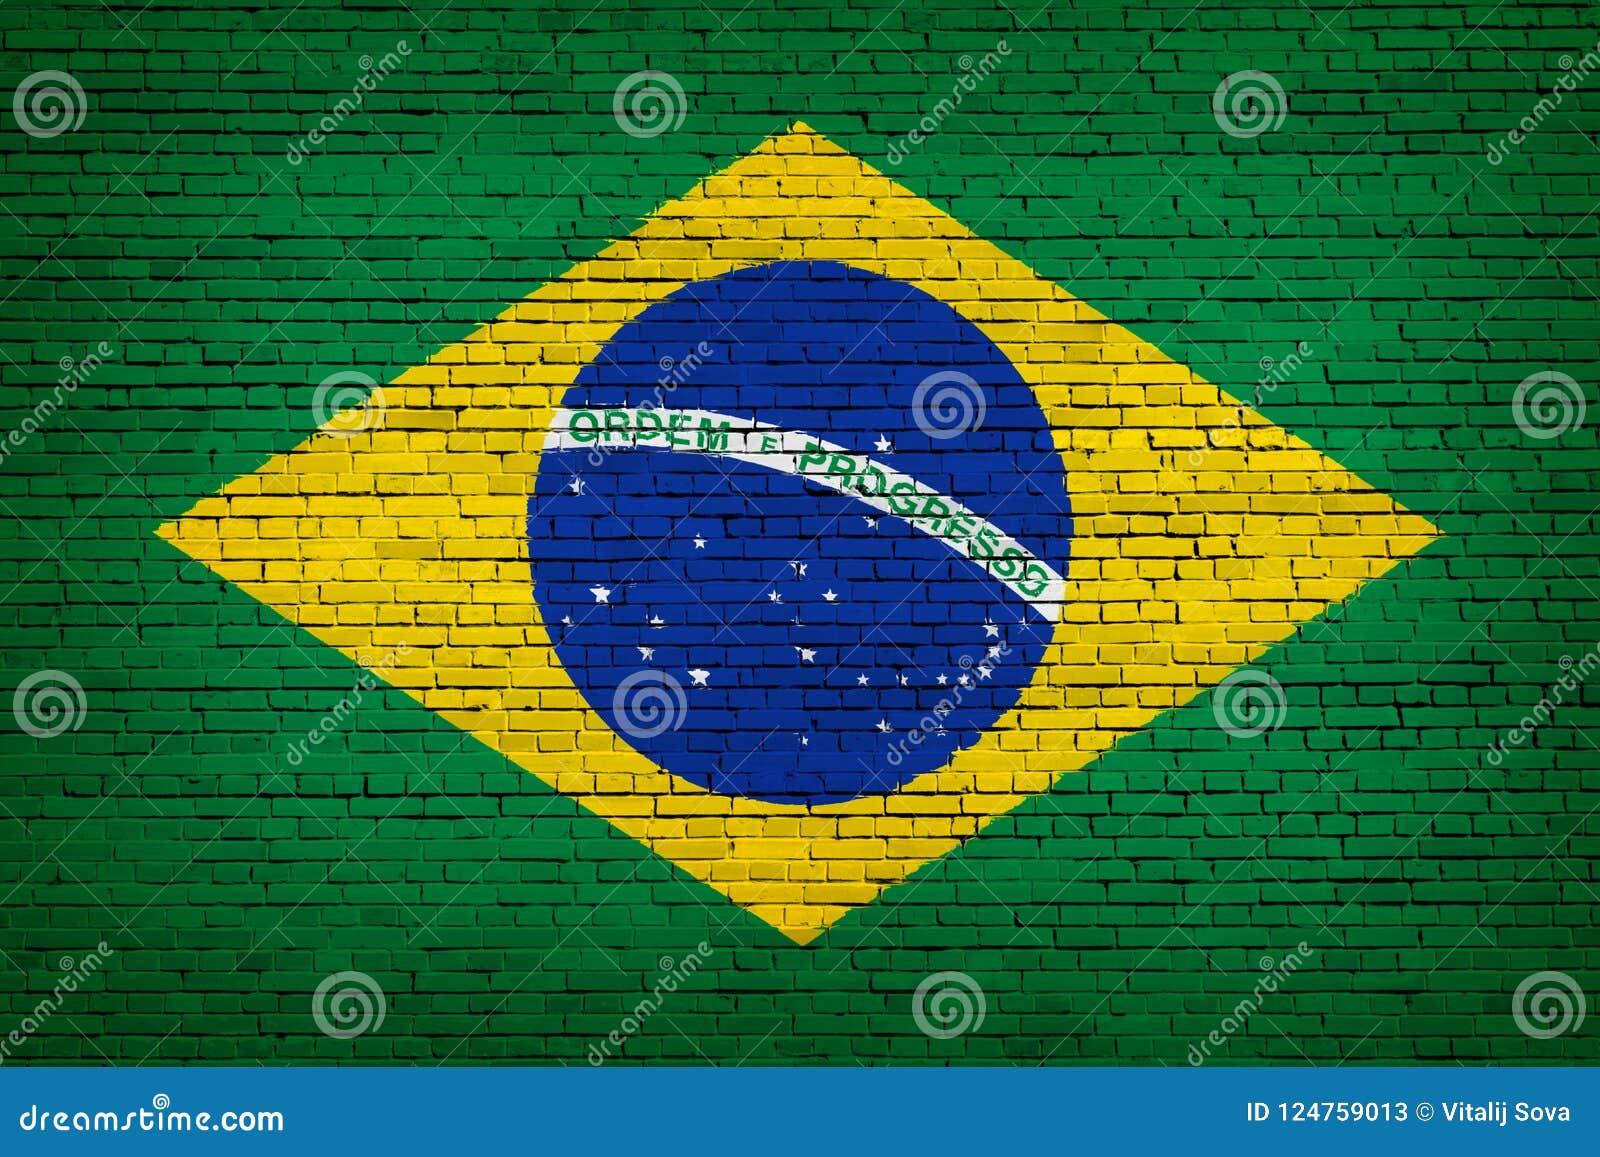 Nationale vlag van Brazilië op een baksteen